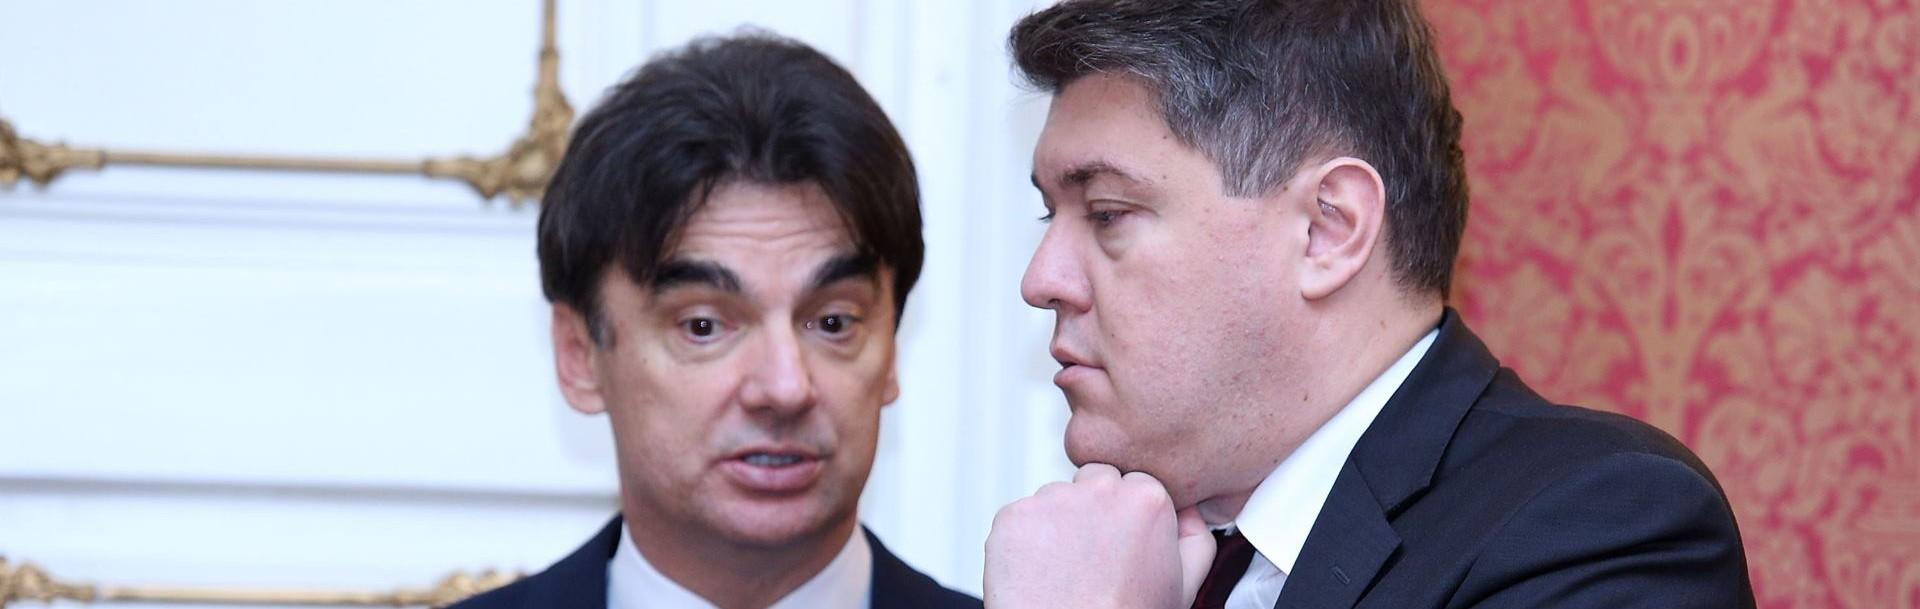 Hrvatska je 2014. godine povukla 173,6 milijuna eura više nego što je uplatila u EU proračun